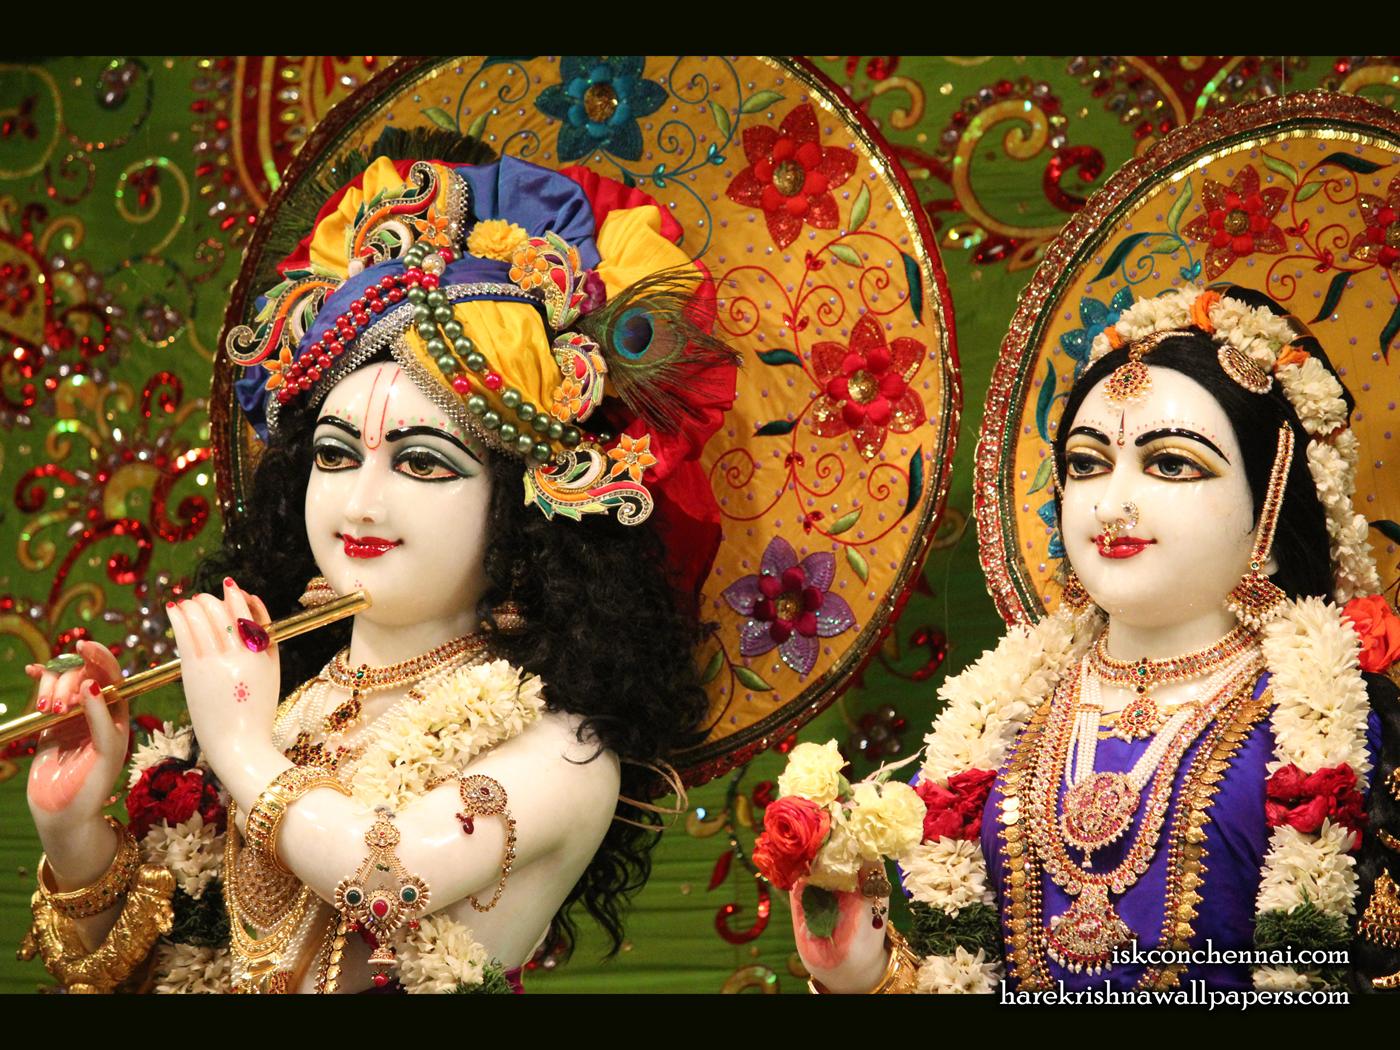 Sri Sri Radha Krishna Close up Wallpaper (011) Size 1400x1050 Download